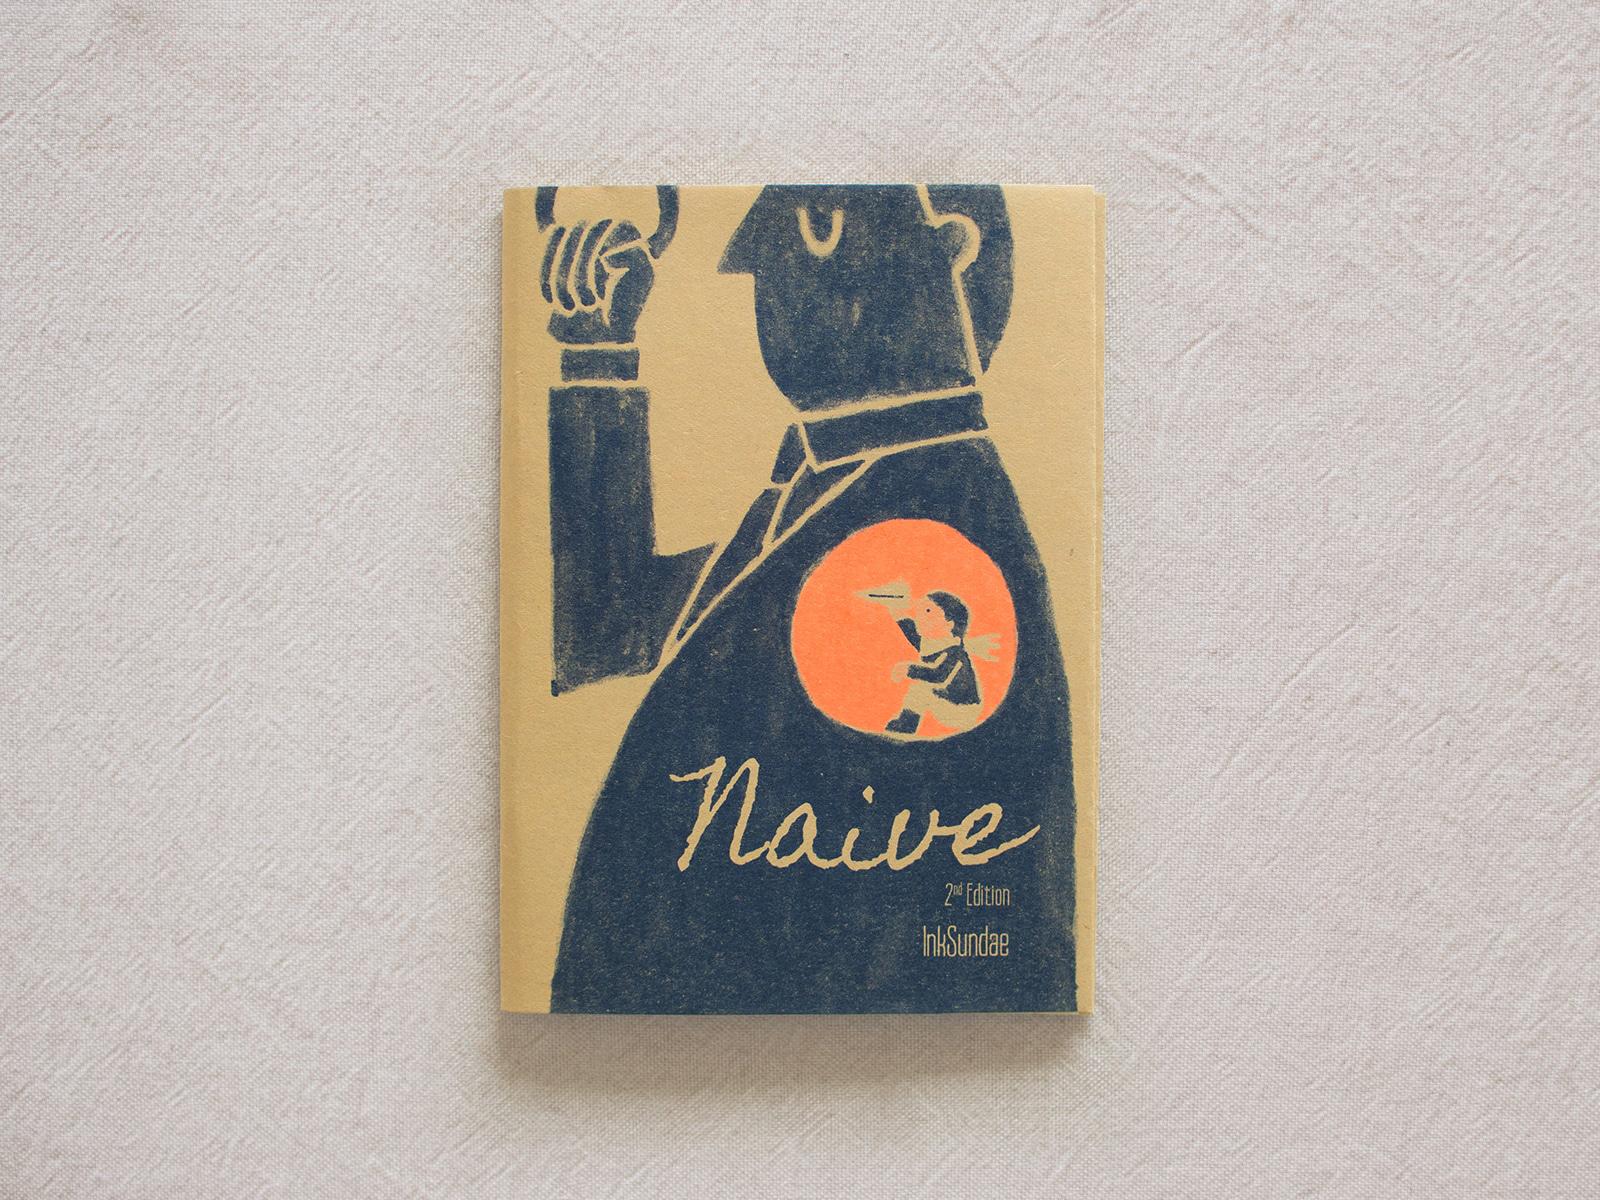 naive_ed2_1.jpg